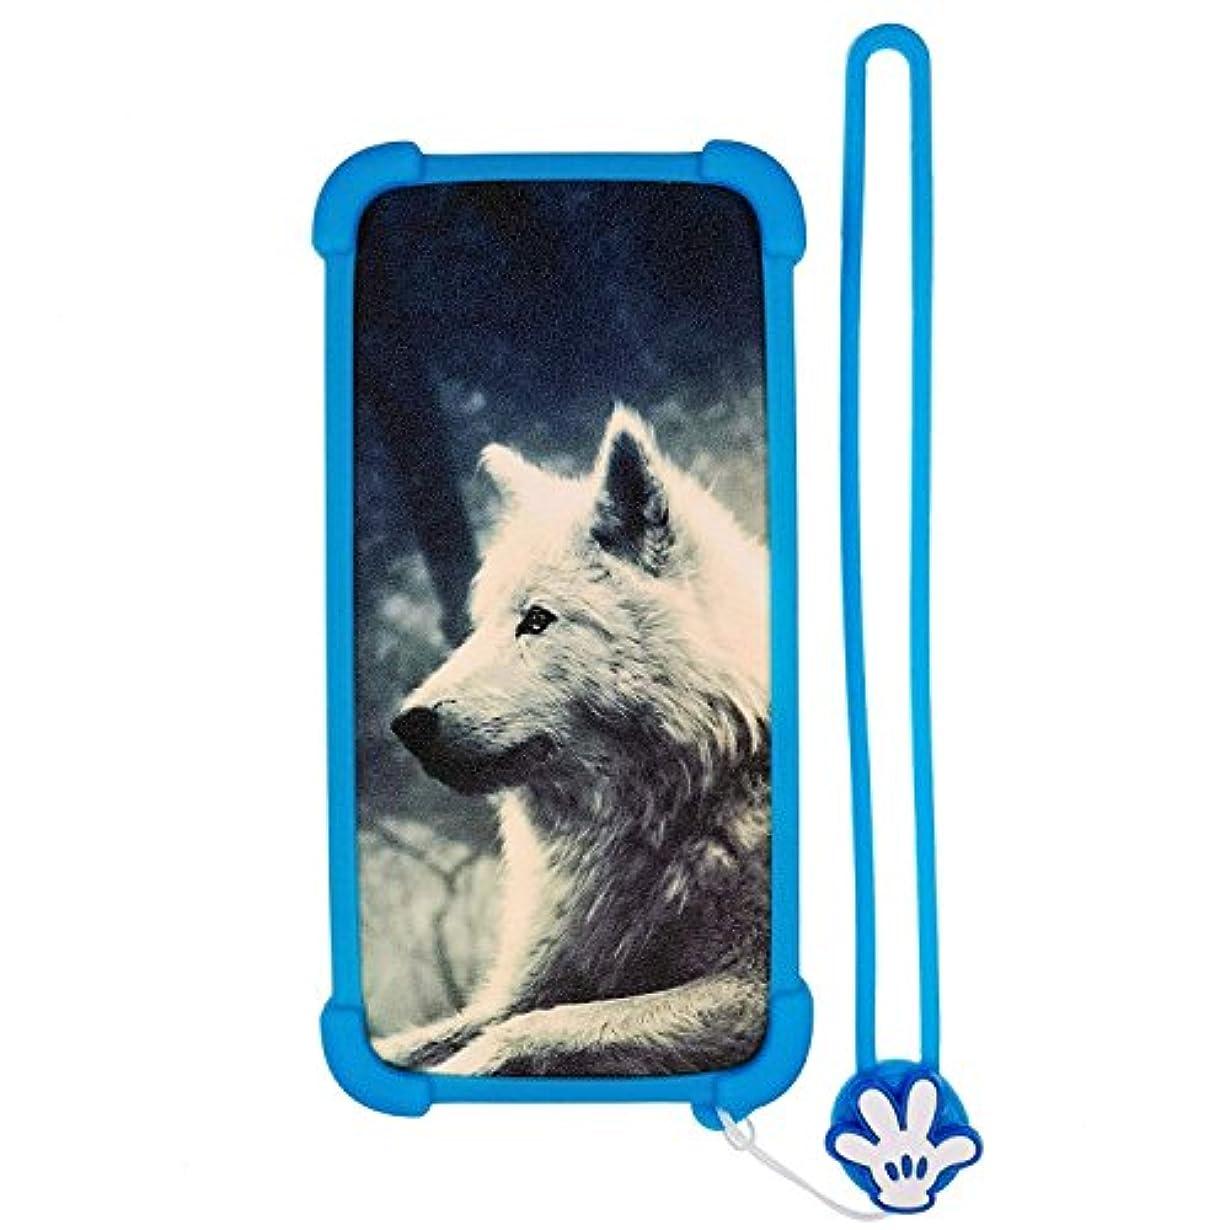 ポーン残高パラメータケース Kruger Matz Smartfon Live 6+Plus ケース シリコーンフレーム + PC バックプレーンは立つことができる Lang